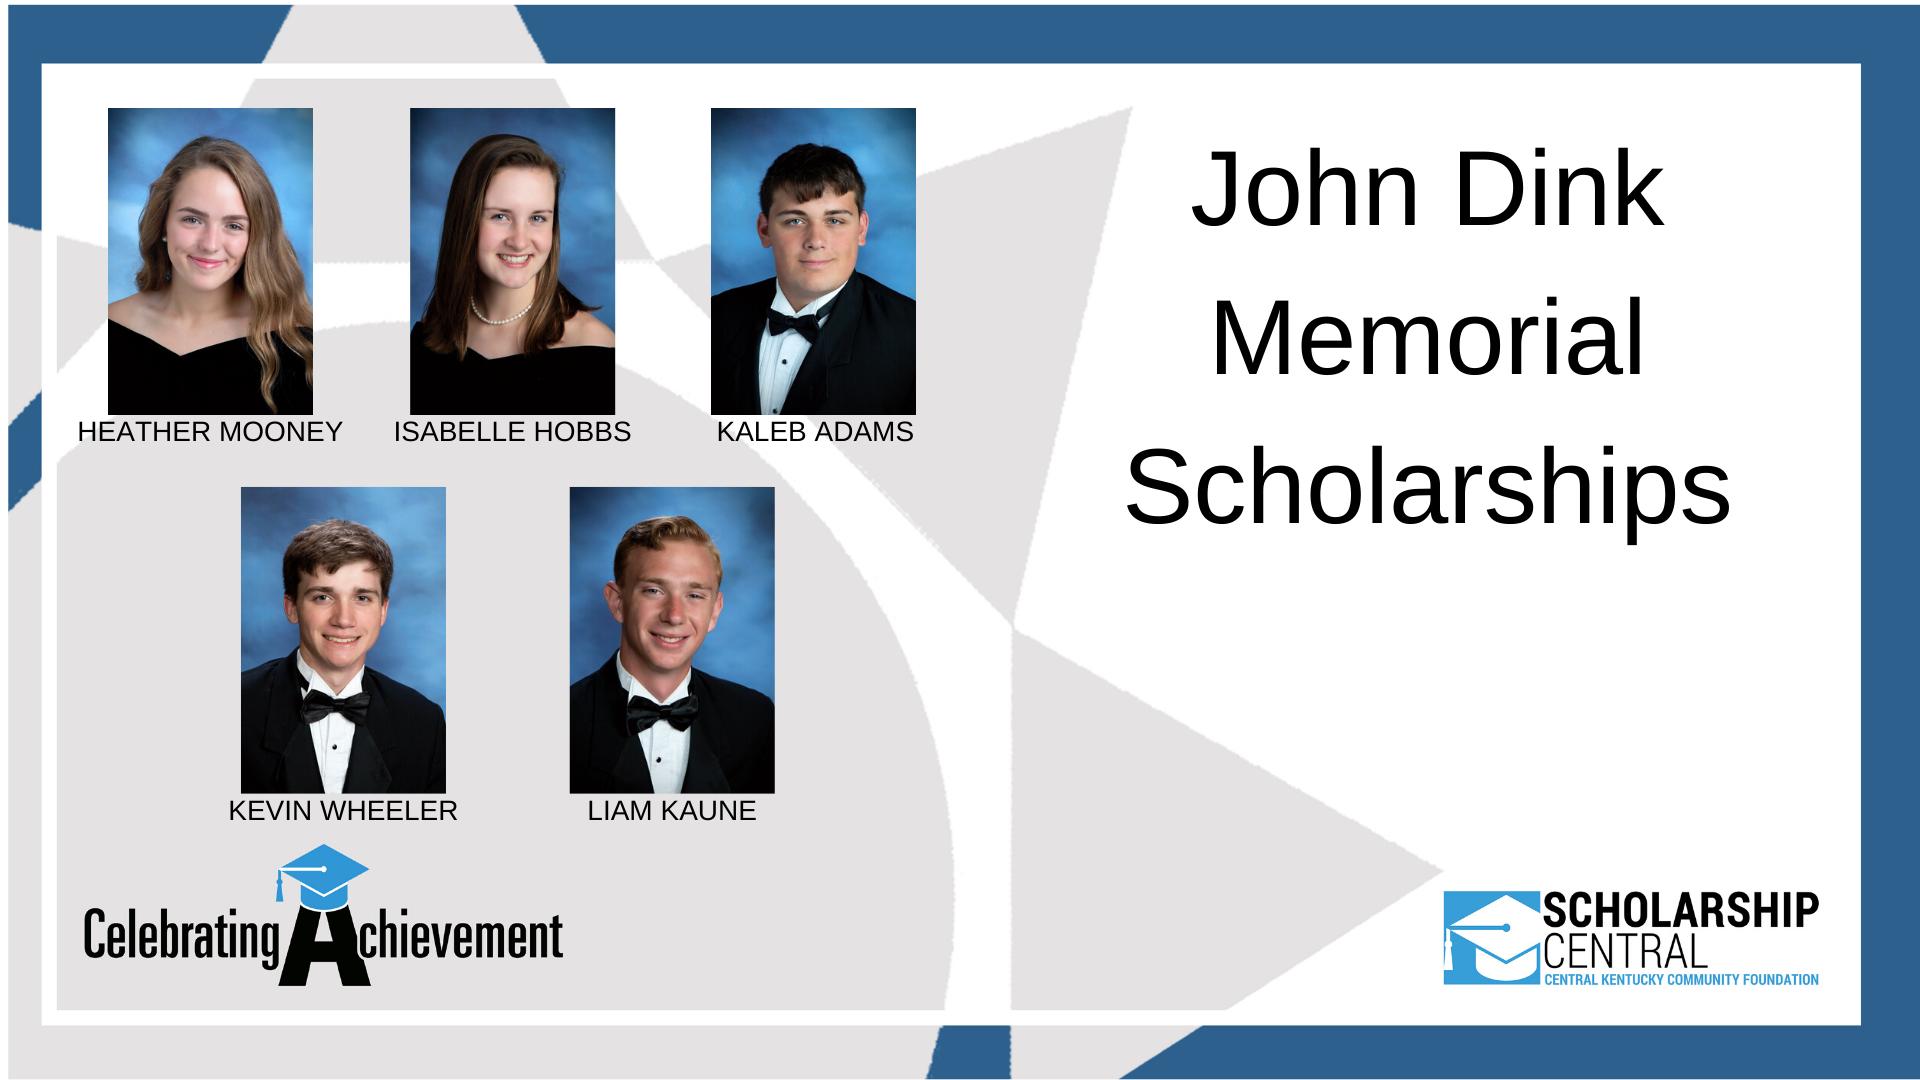 John Dirk Scholarship2 (1)